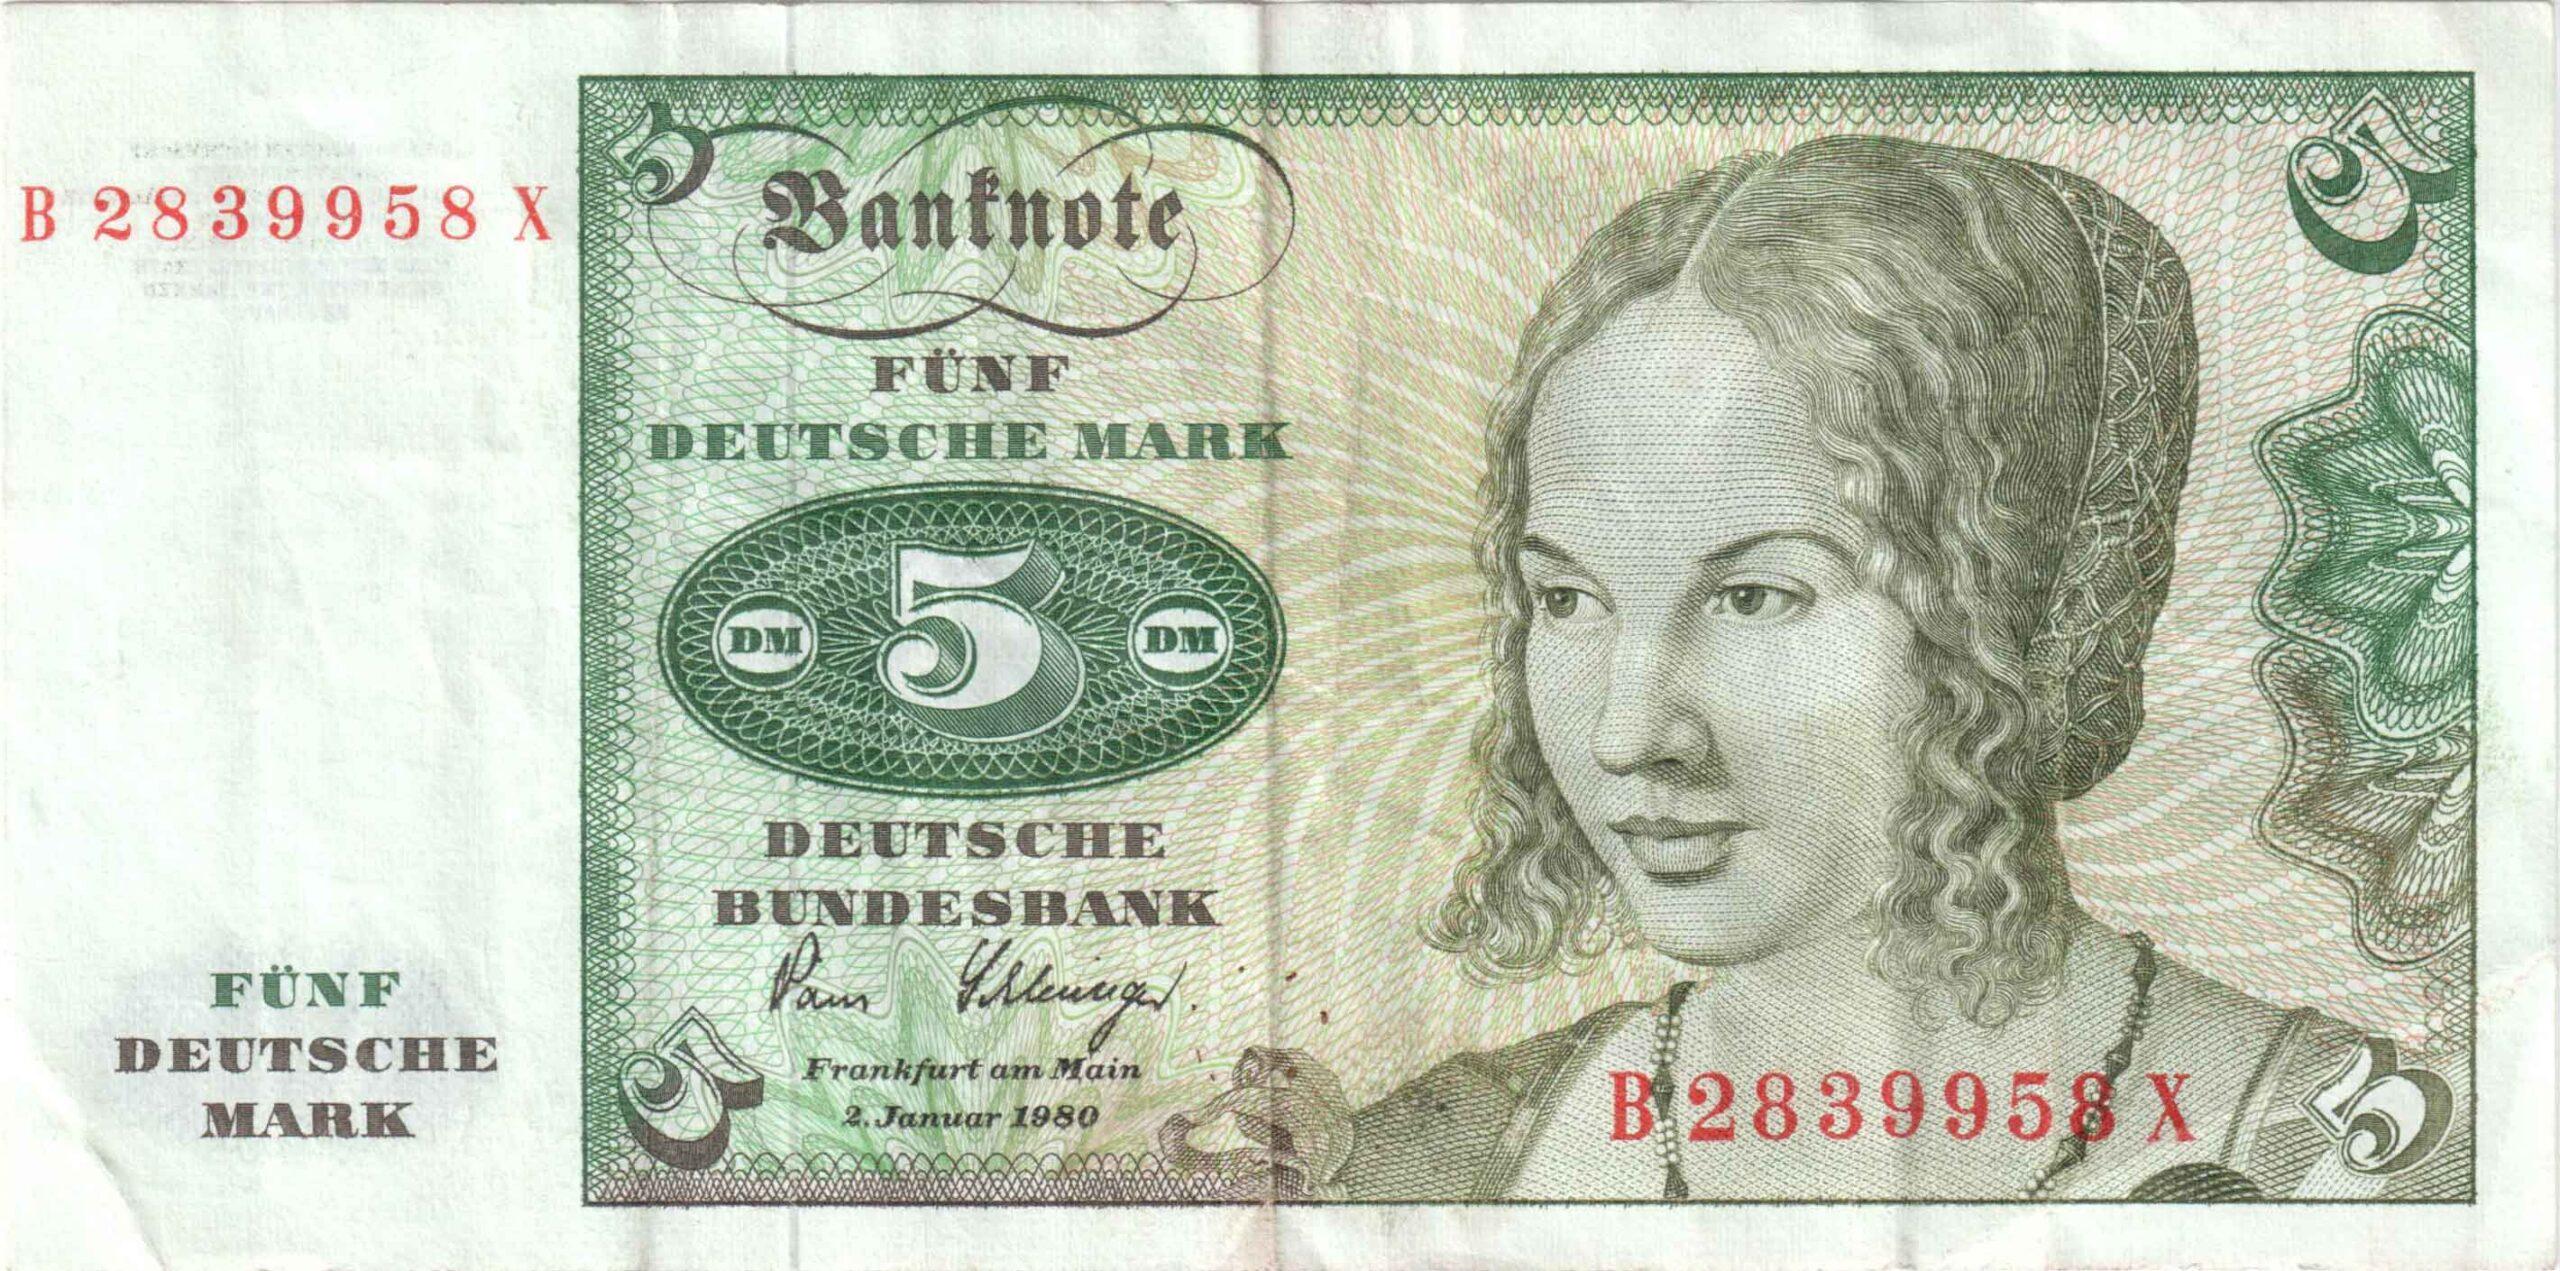 Fünfmarkschein der Deutsche Bundesbank von 1980, erste Serie, Ro. 285, Vorderseite